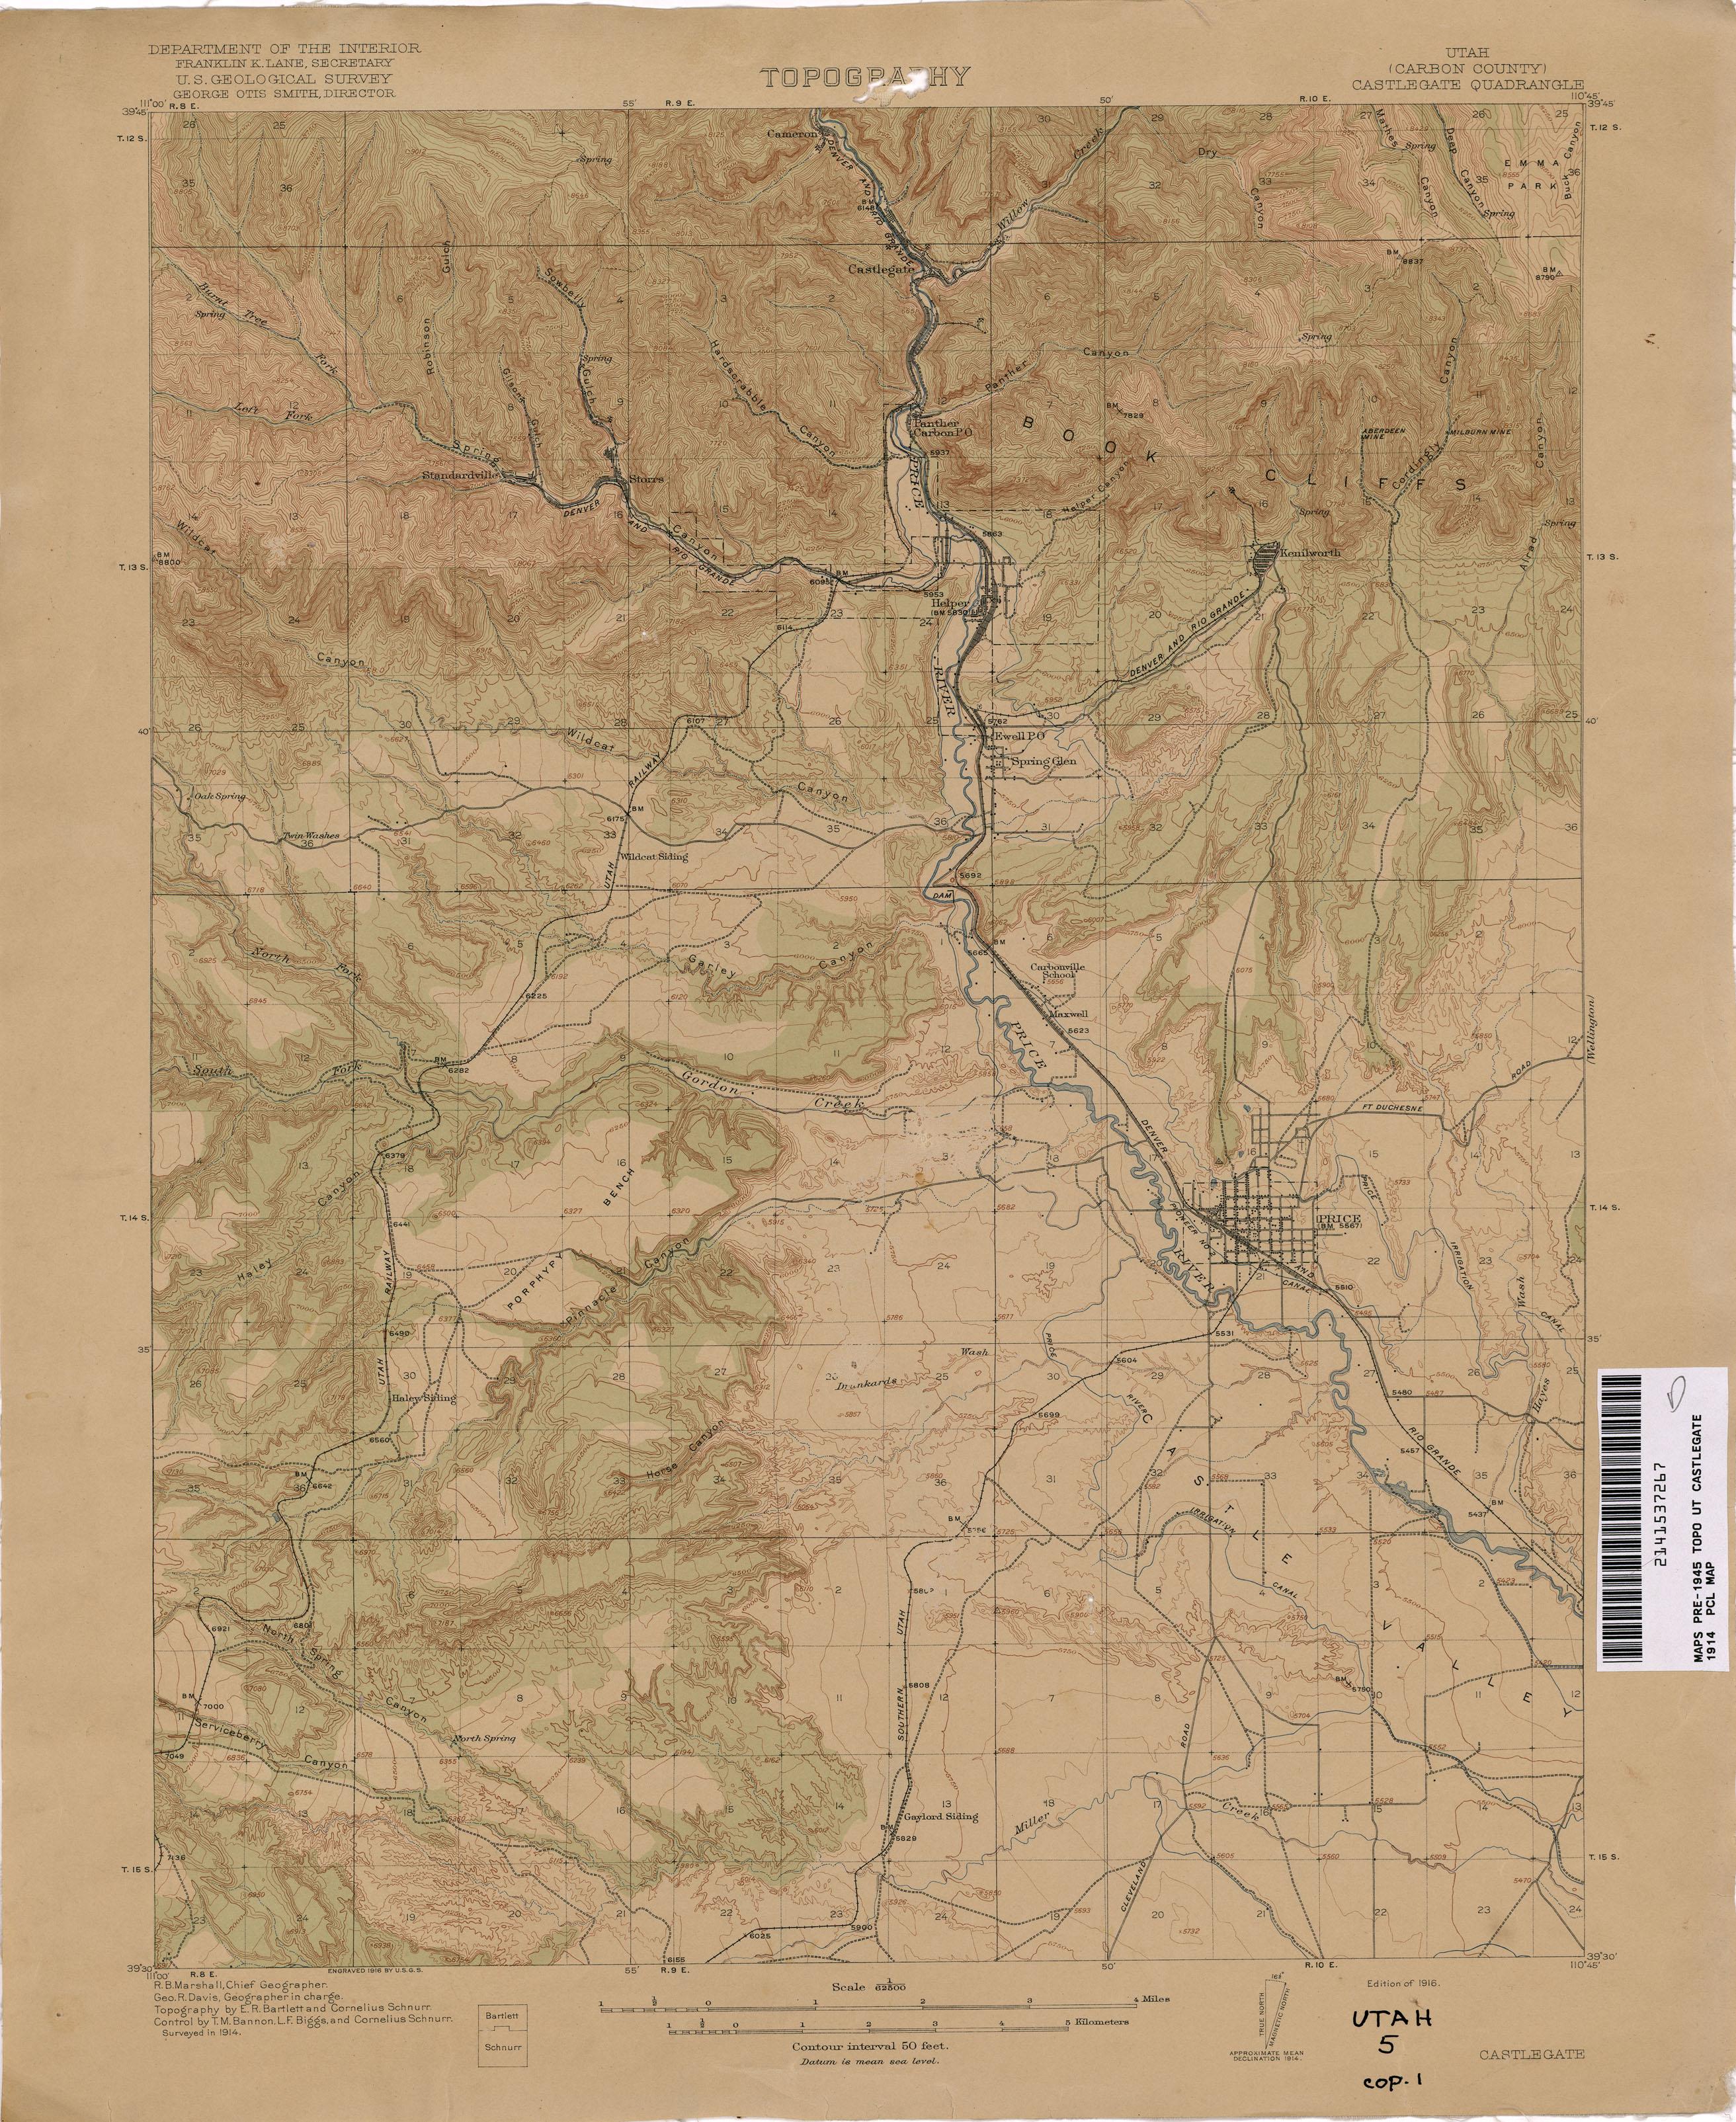 Utah Historical Topographic Maps - Perry-Castañeda Map Collection on riverton utah, spanish fork utah, santorini village south jordan utah, murray utah, taylorsville utah,